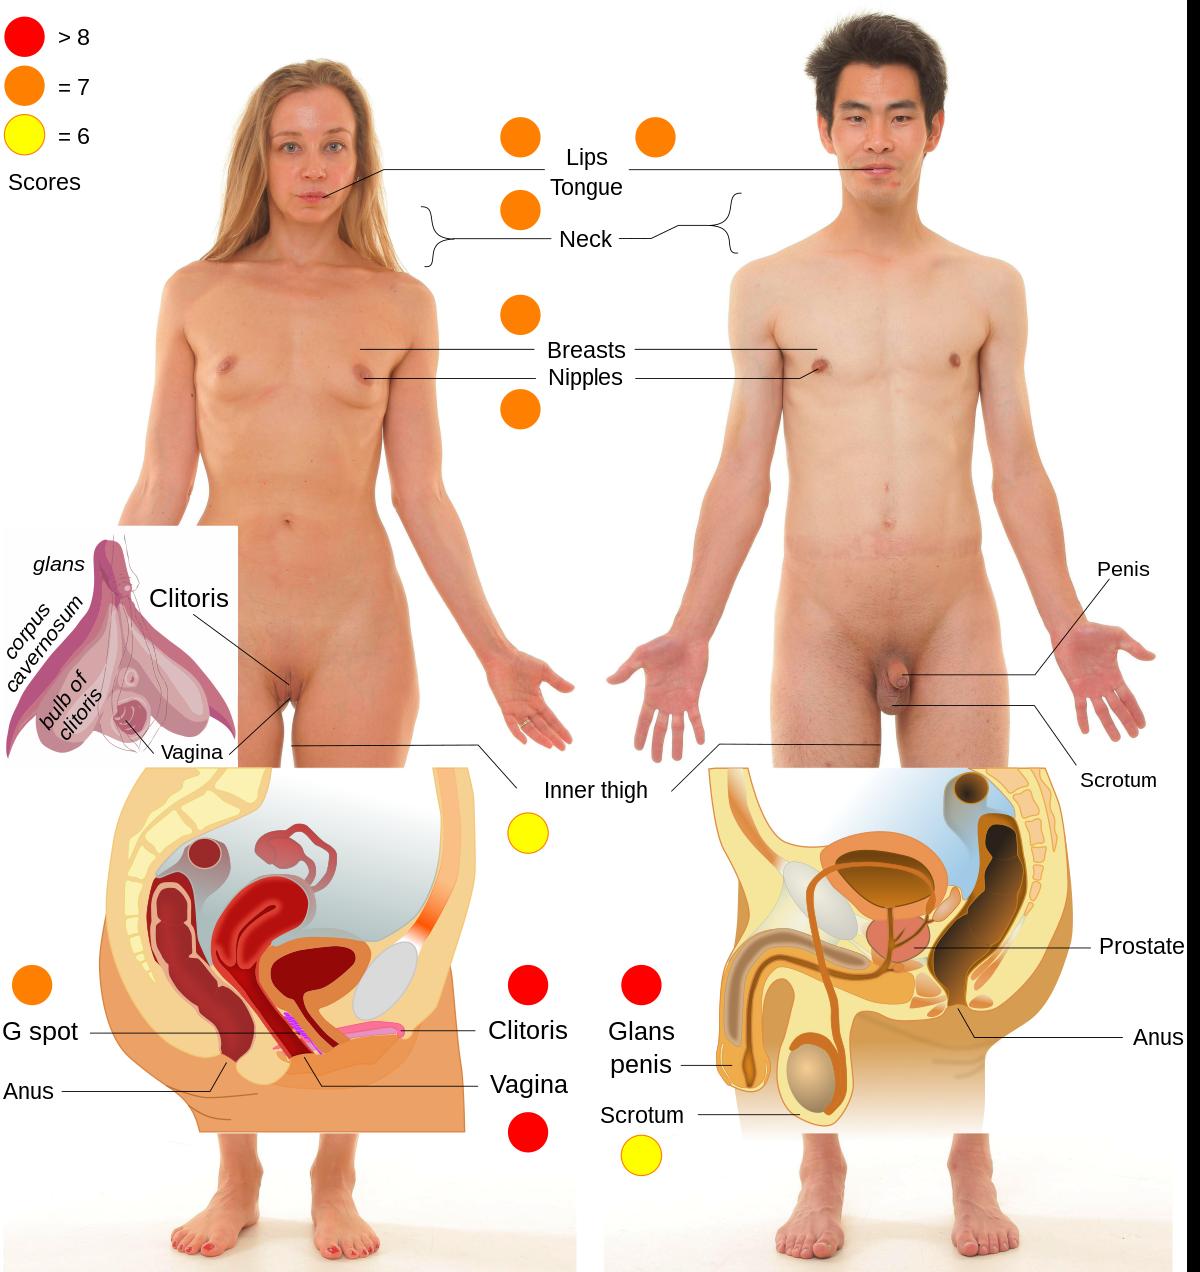 hogyan lehet meghosszabbítani a pénisz péniszét körte pénisz hüvely